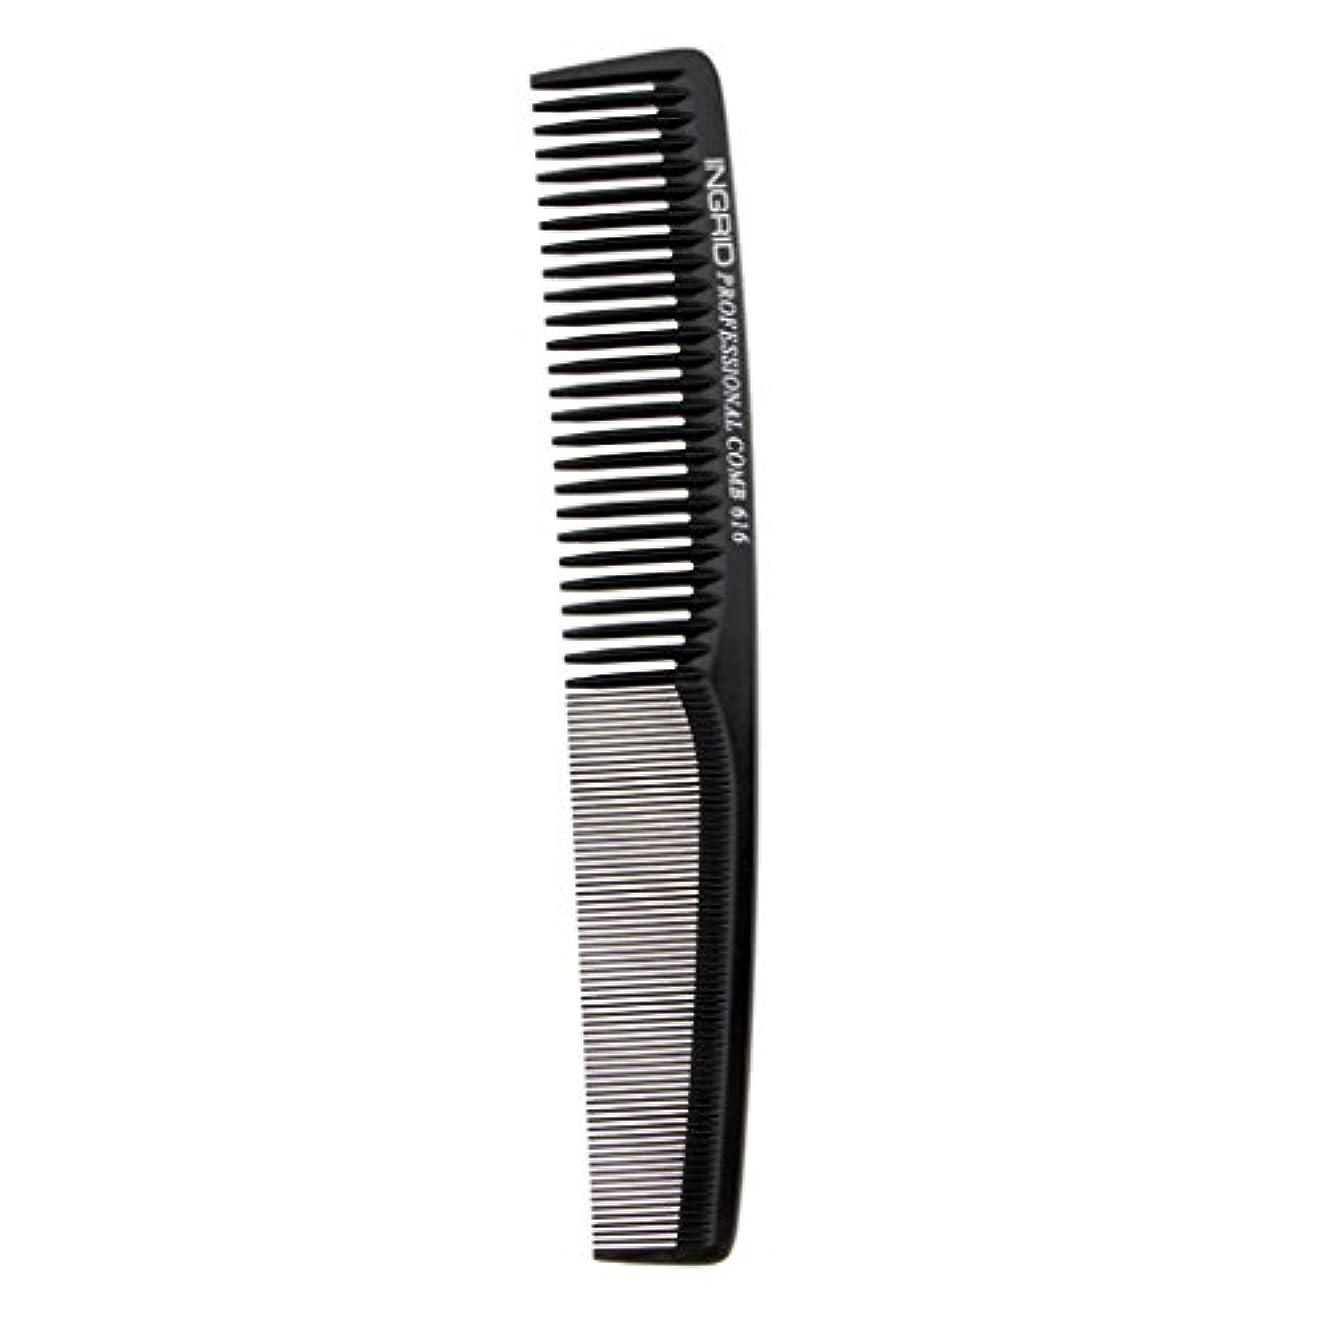 遠近法弱いクリスマスFenteer ヘアカットコーム 櫛 コーム 理髪店 ヘアケア 便利 全5色  - ブラック